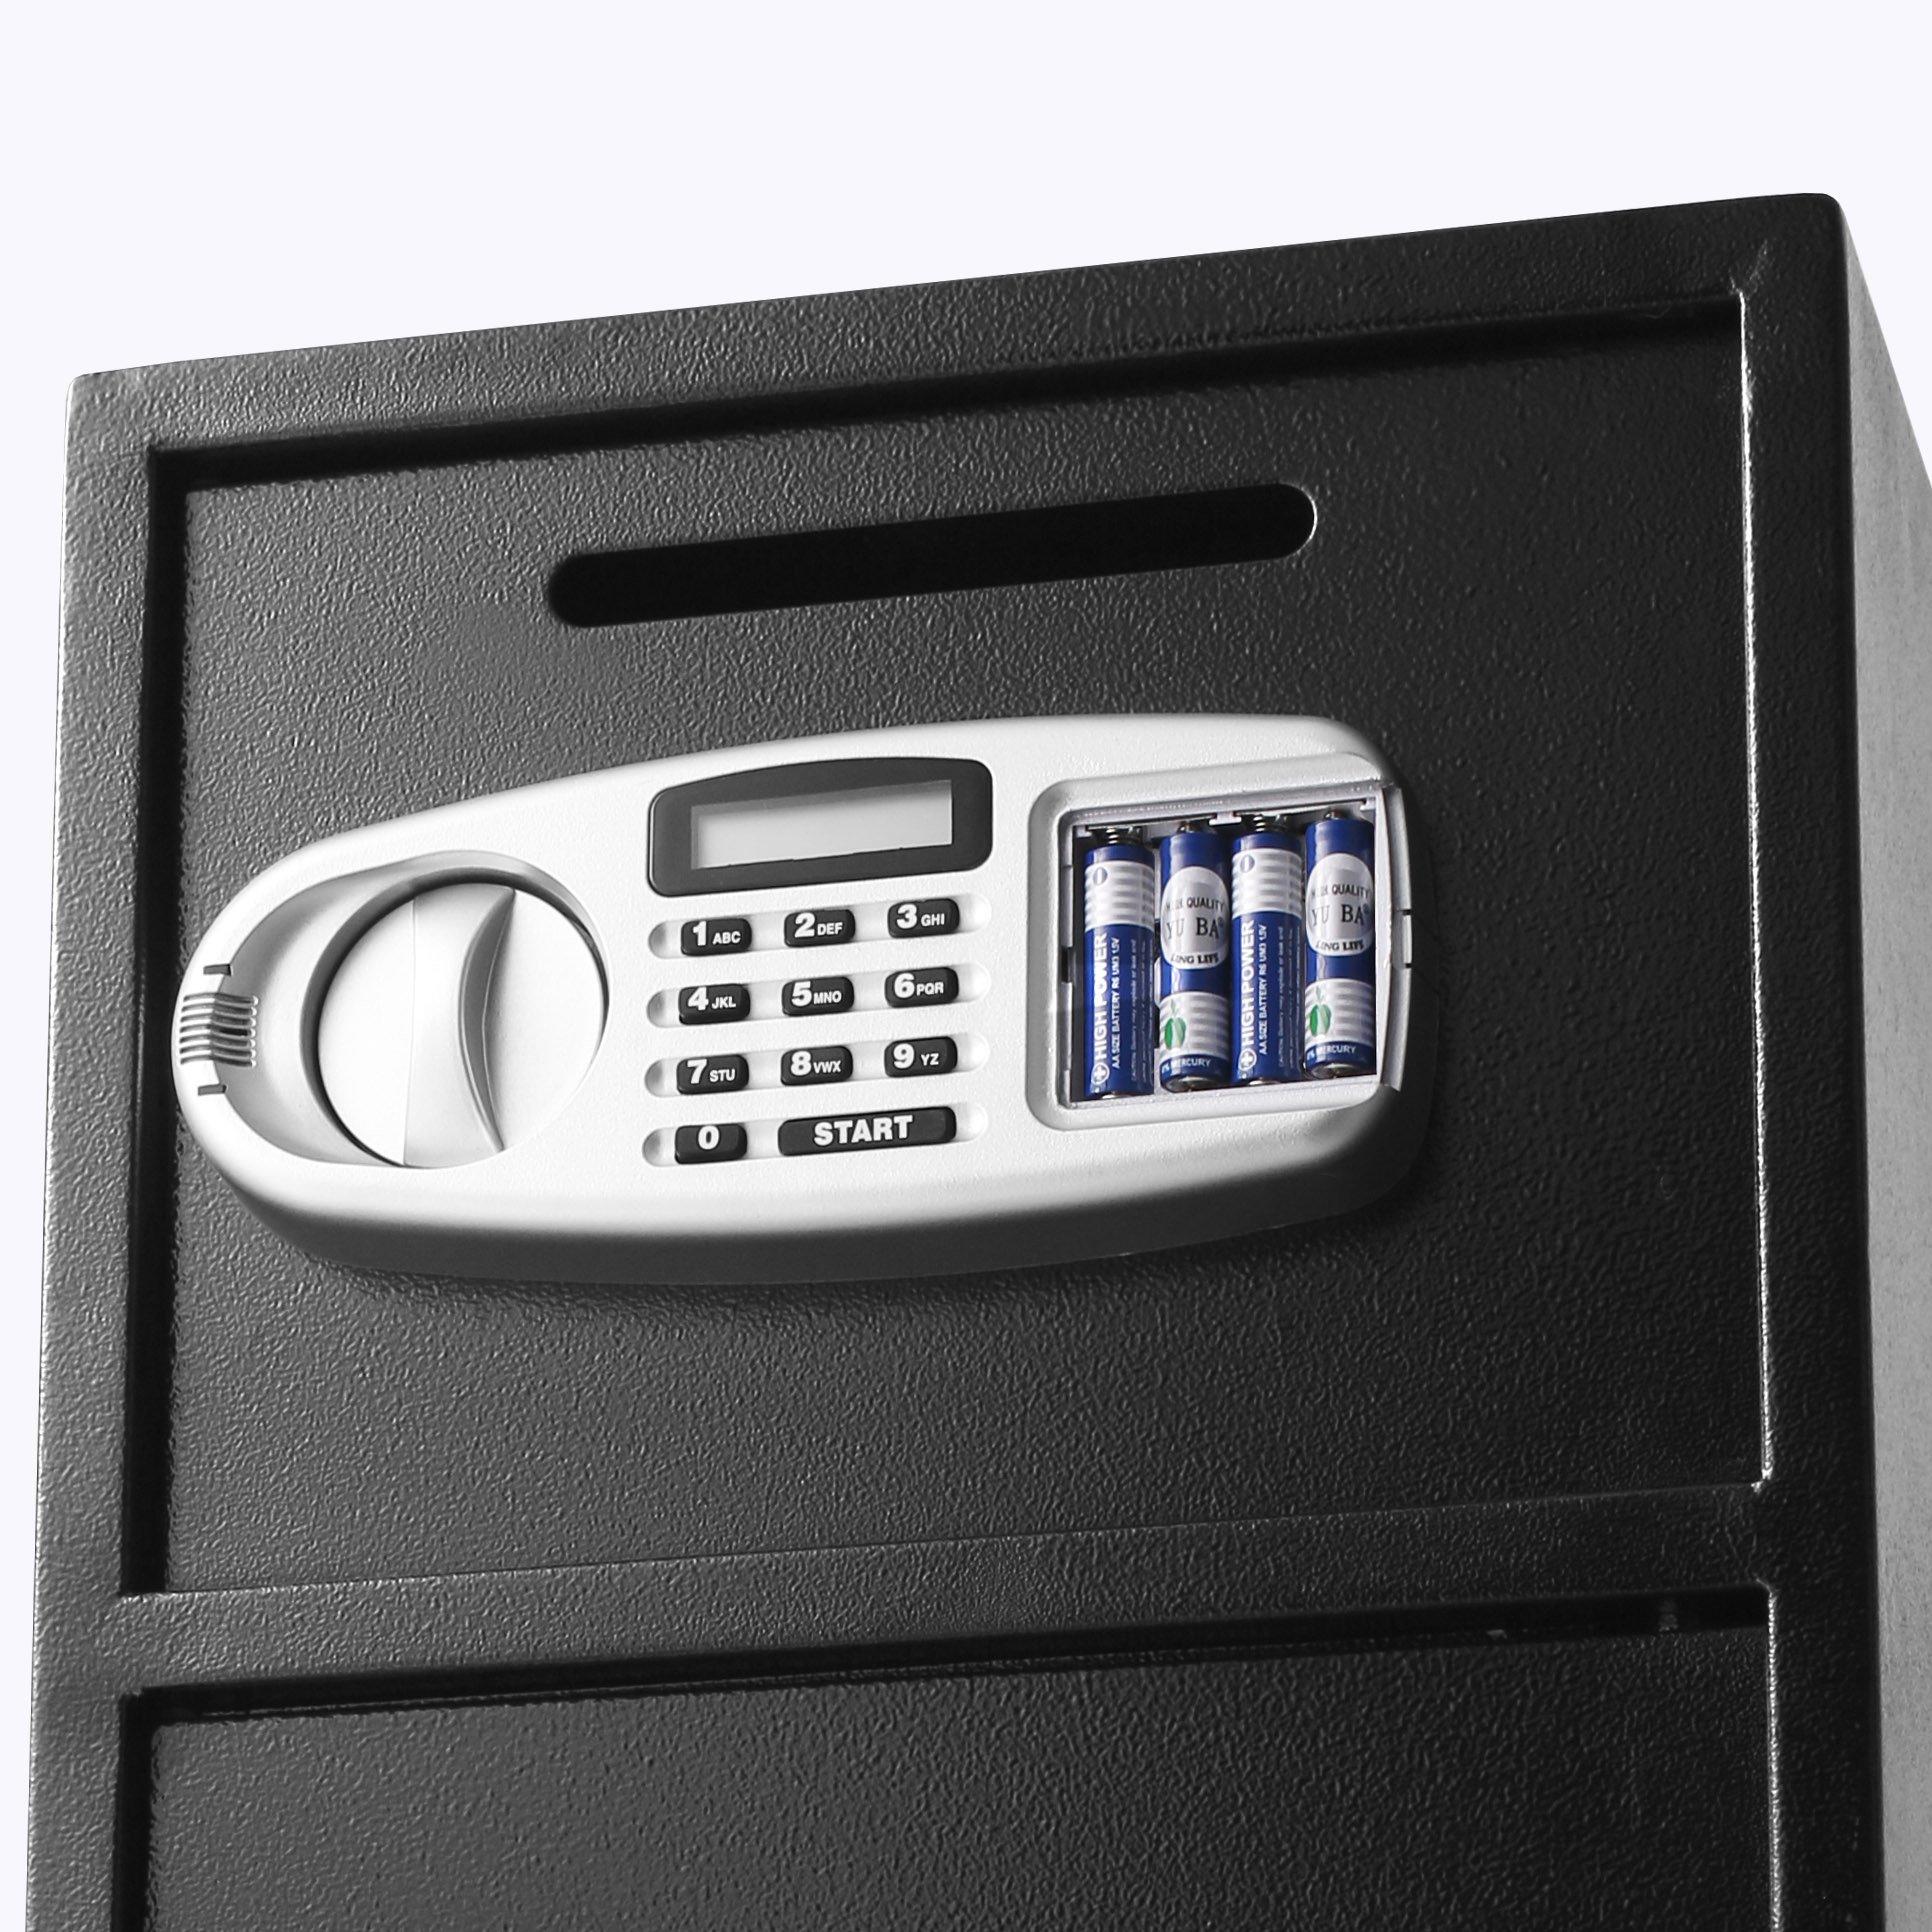 Superland Large Double Door Security Safe Box Depository Safe Steel Safe Box Digital Safe Depository for Money Gun Jewelry (Large Digital Safe Box) by Superland (Image #7)